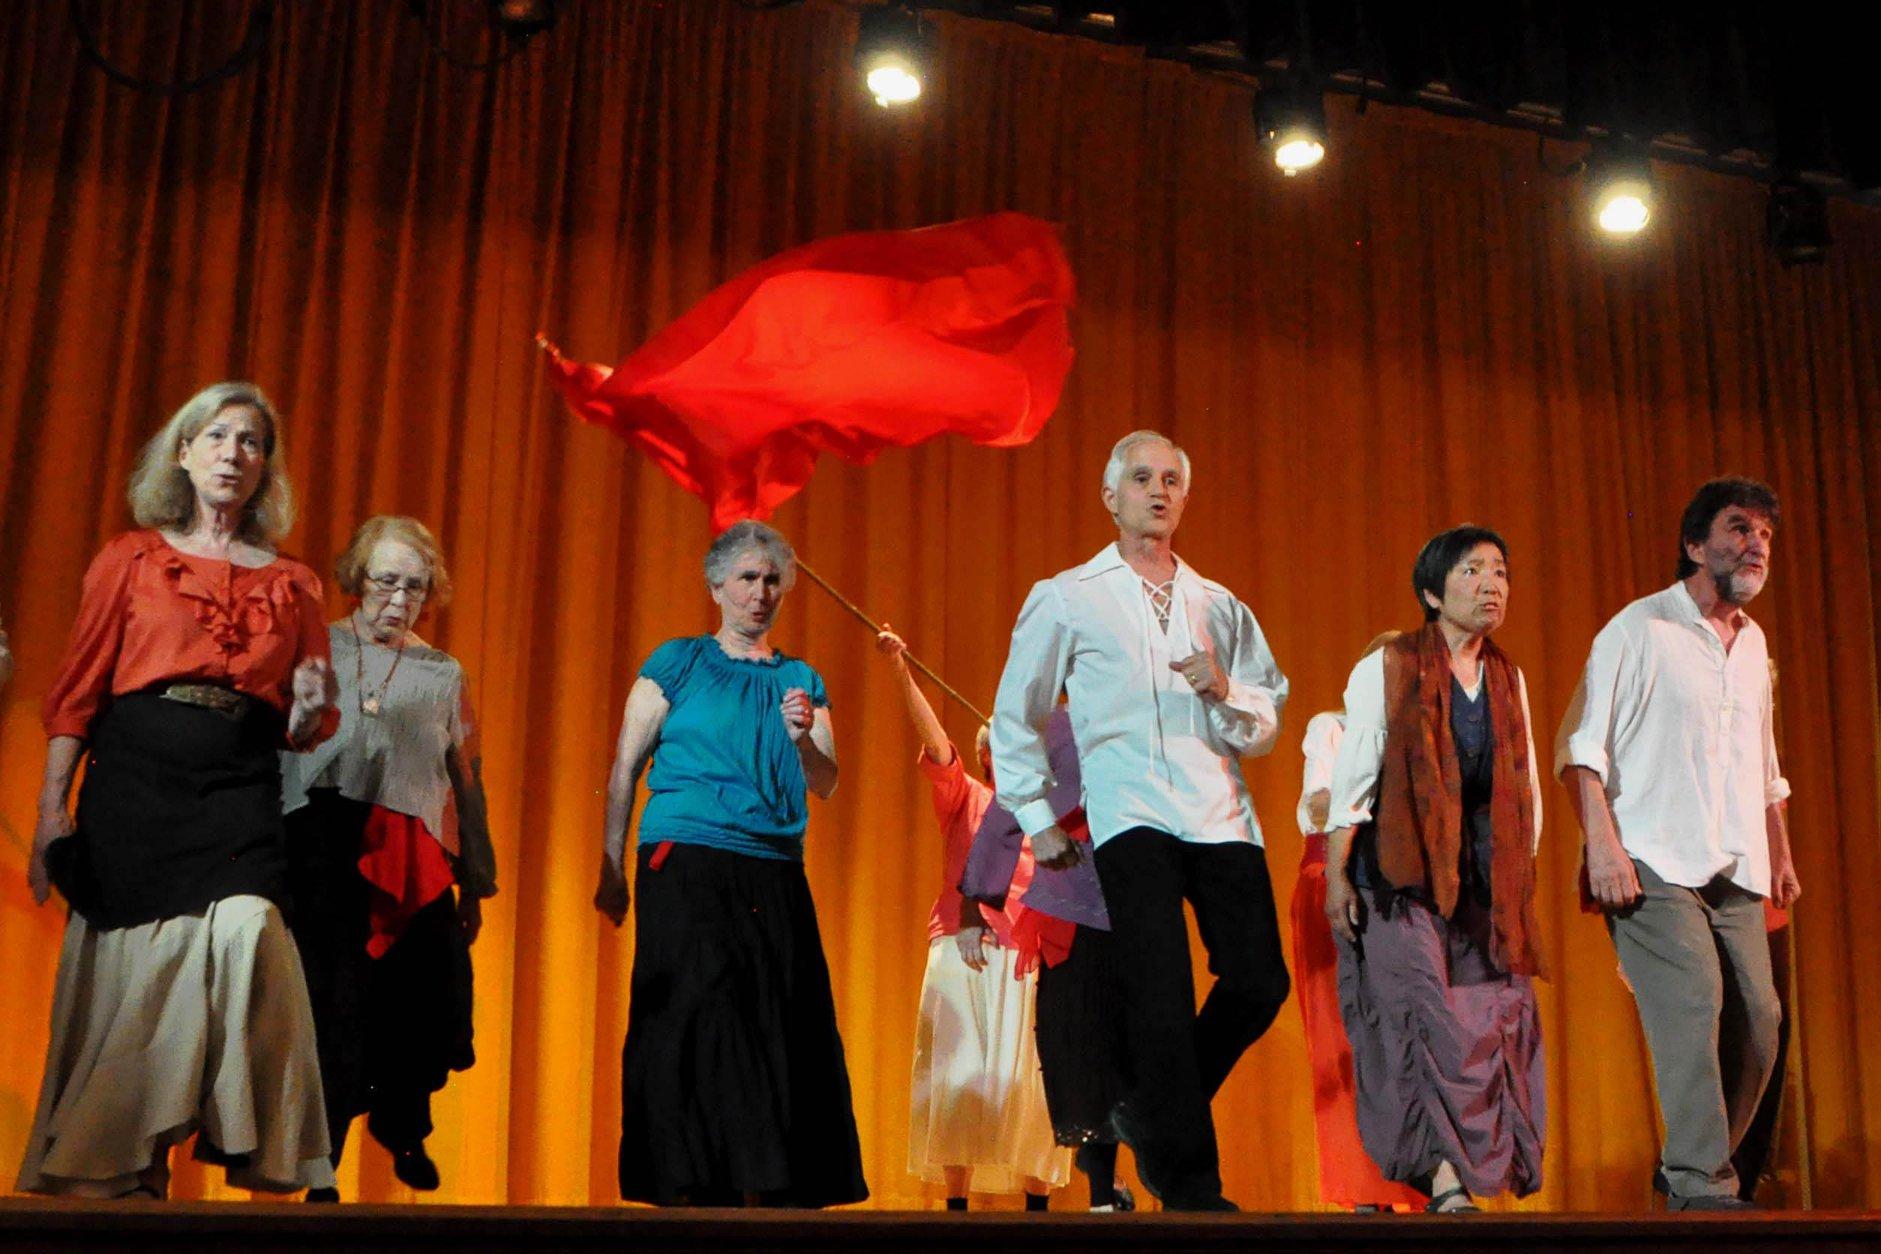 全球樂齡|美國第一所銀髮戲劇學校  伴無數長者一圓表演夢